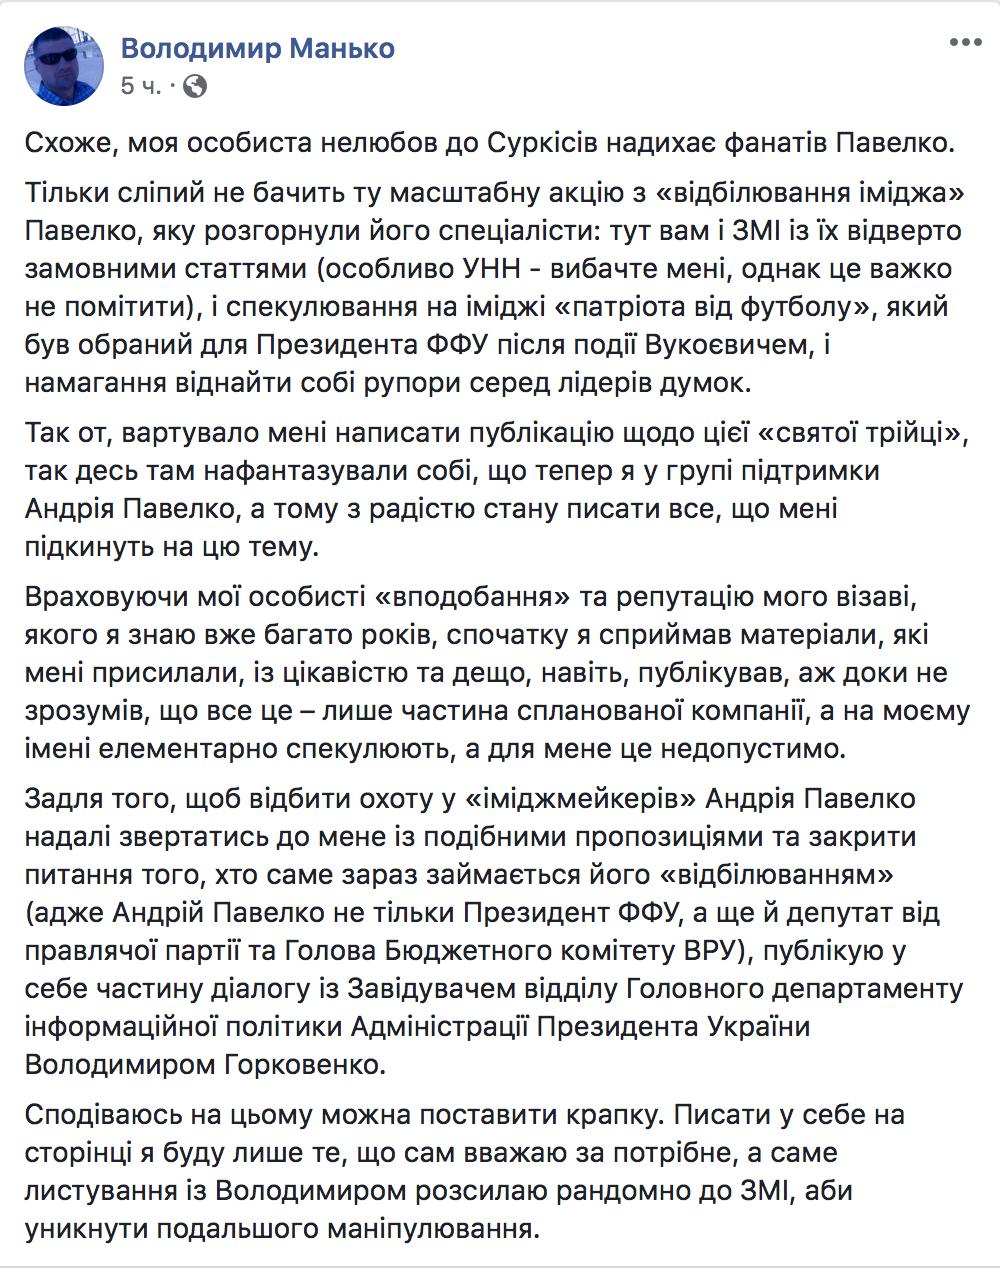 Журналист обвинил АПУ в заказных материалах, пост